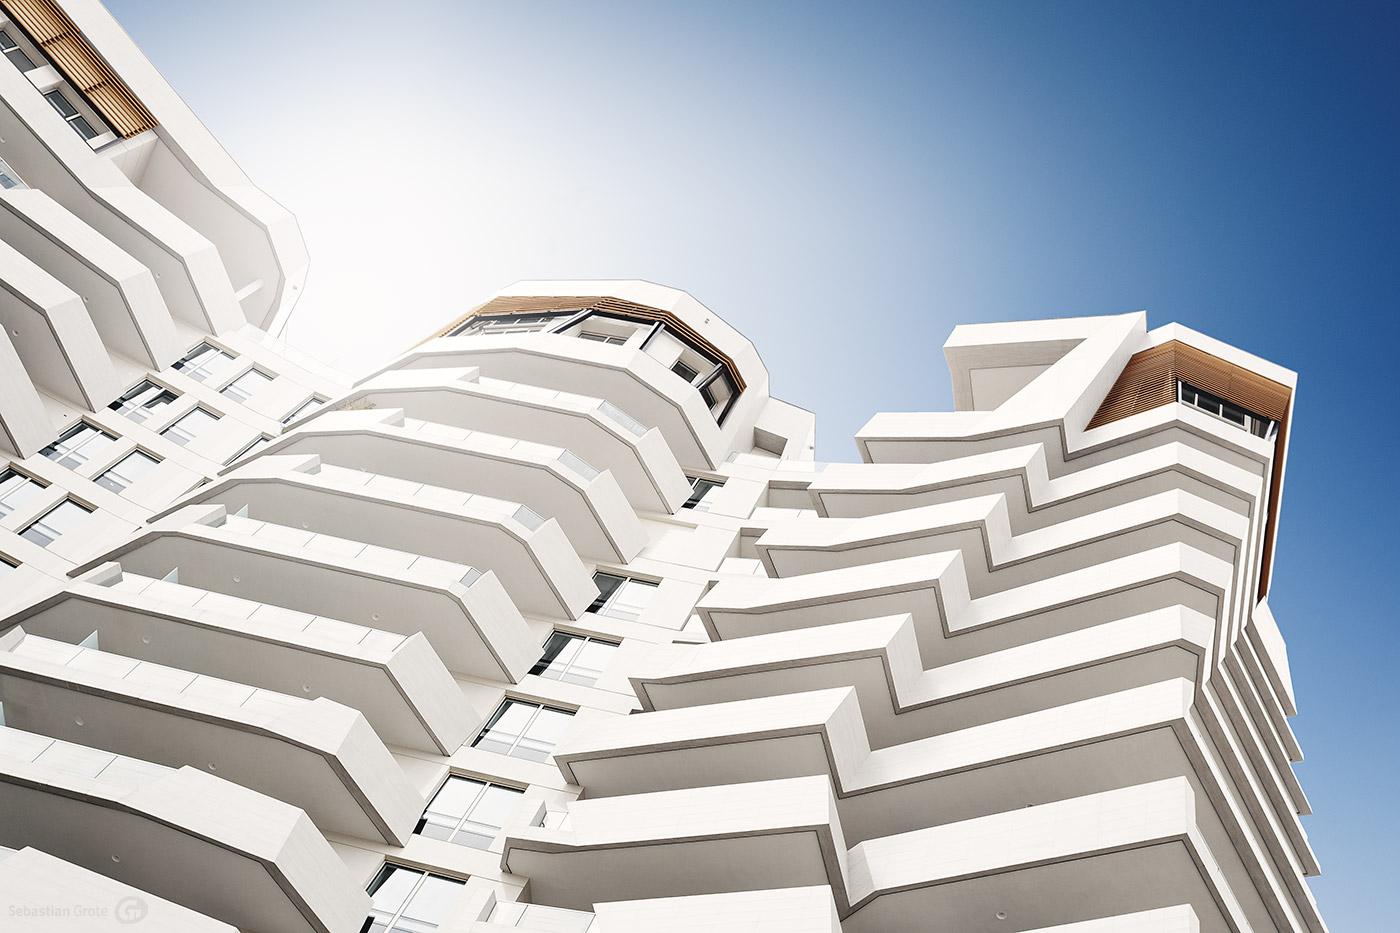 Mailand 14 CityLife von Zaha Hadid, Arata Isozaki und Daniel Libeskind